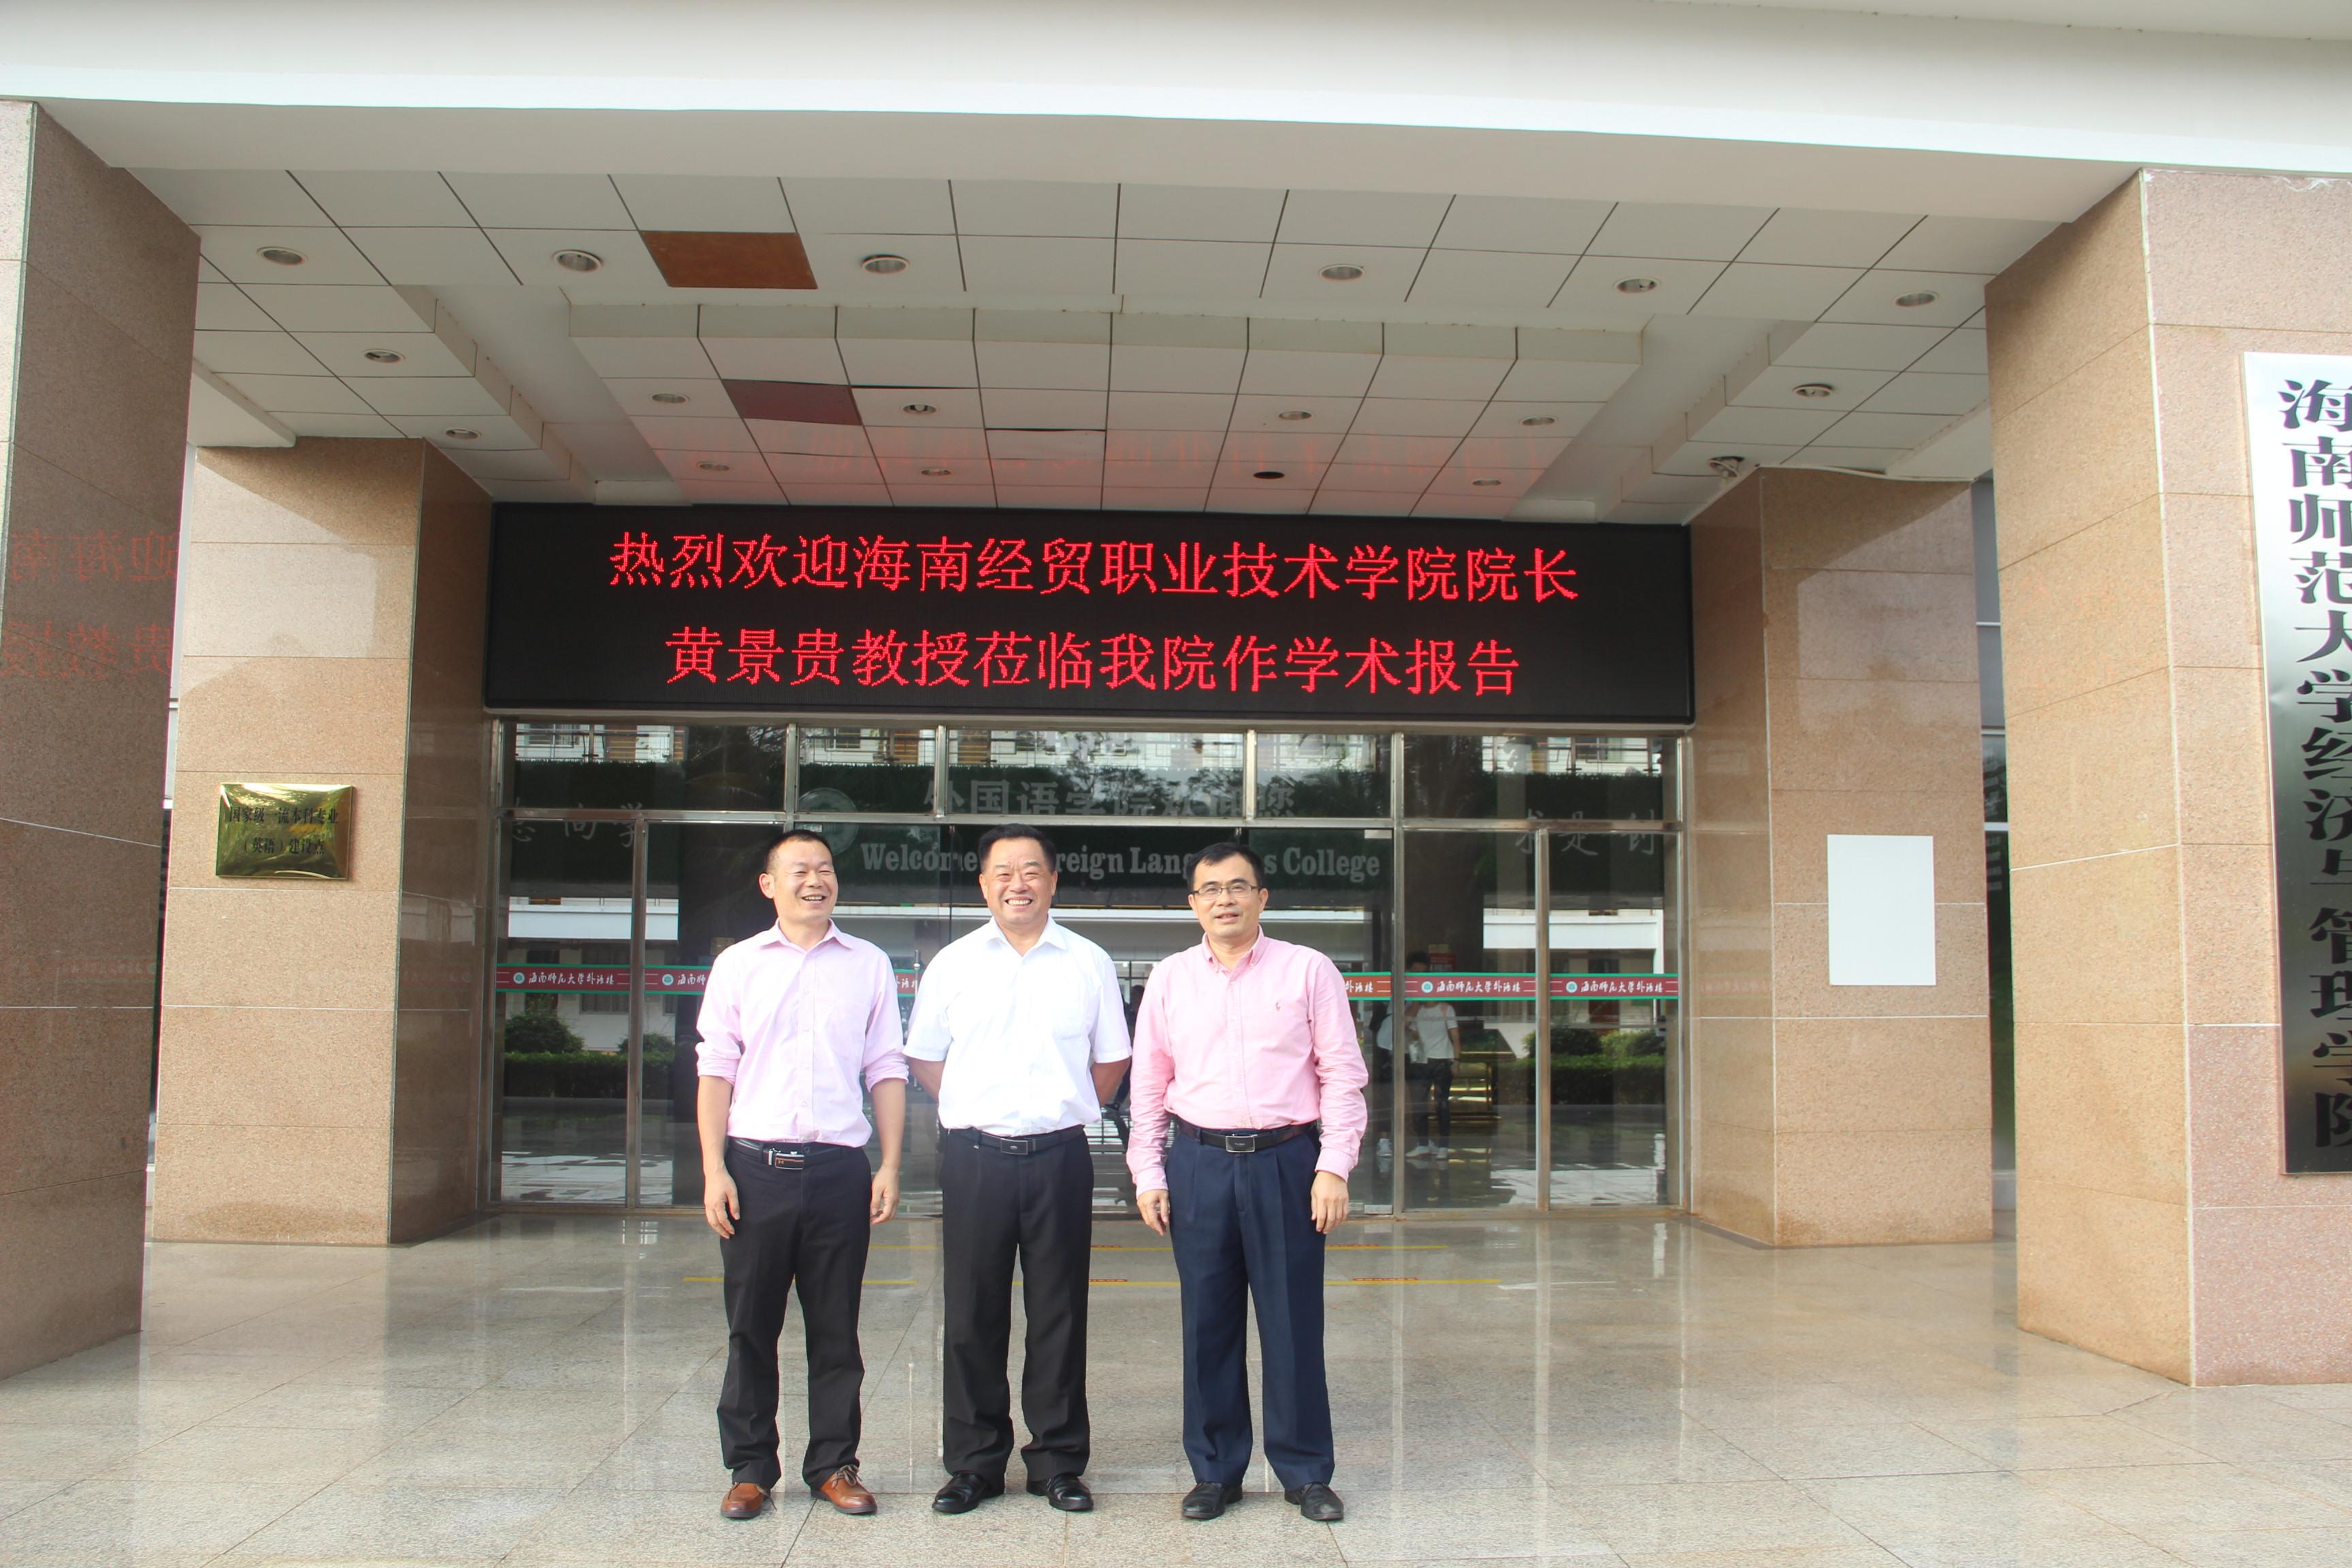 海南经贸职业技术学院院长黄景贵教授至我校作报告